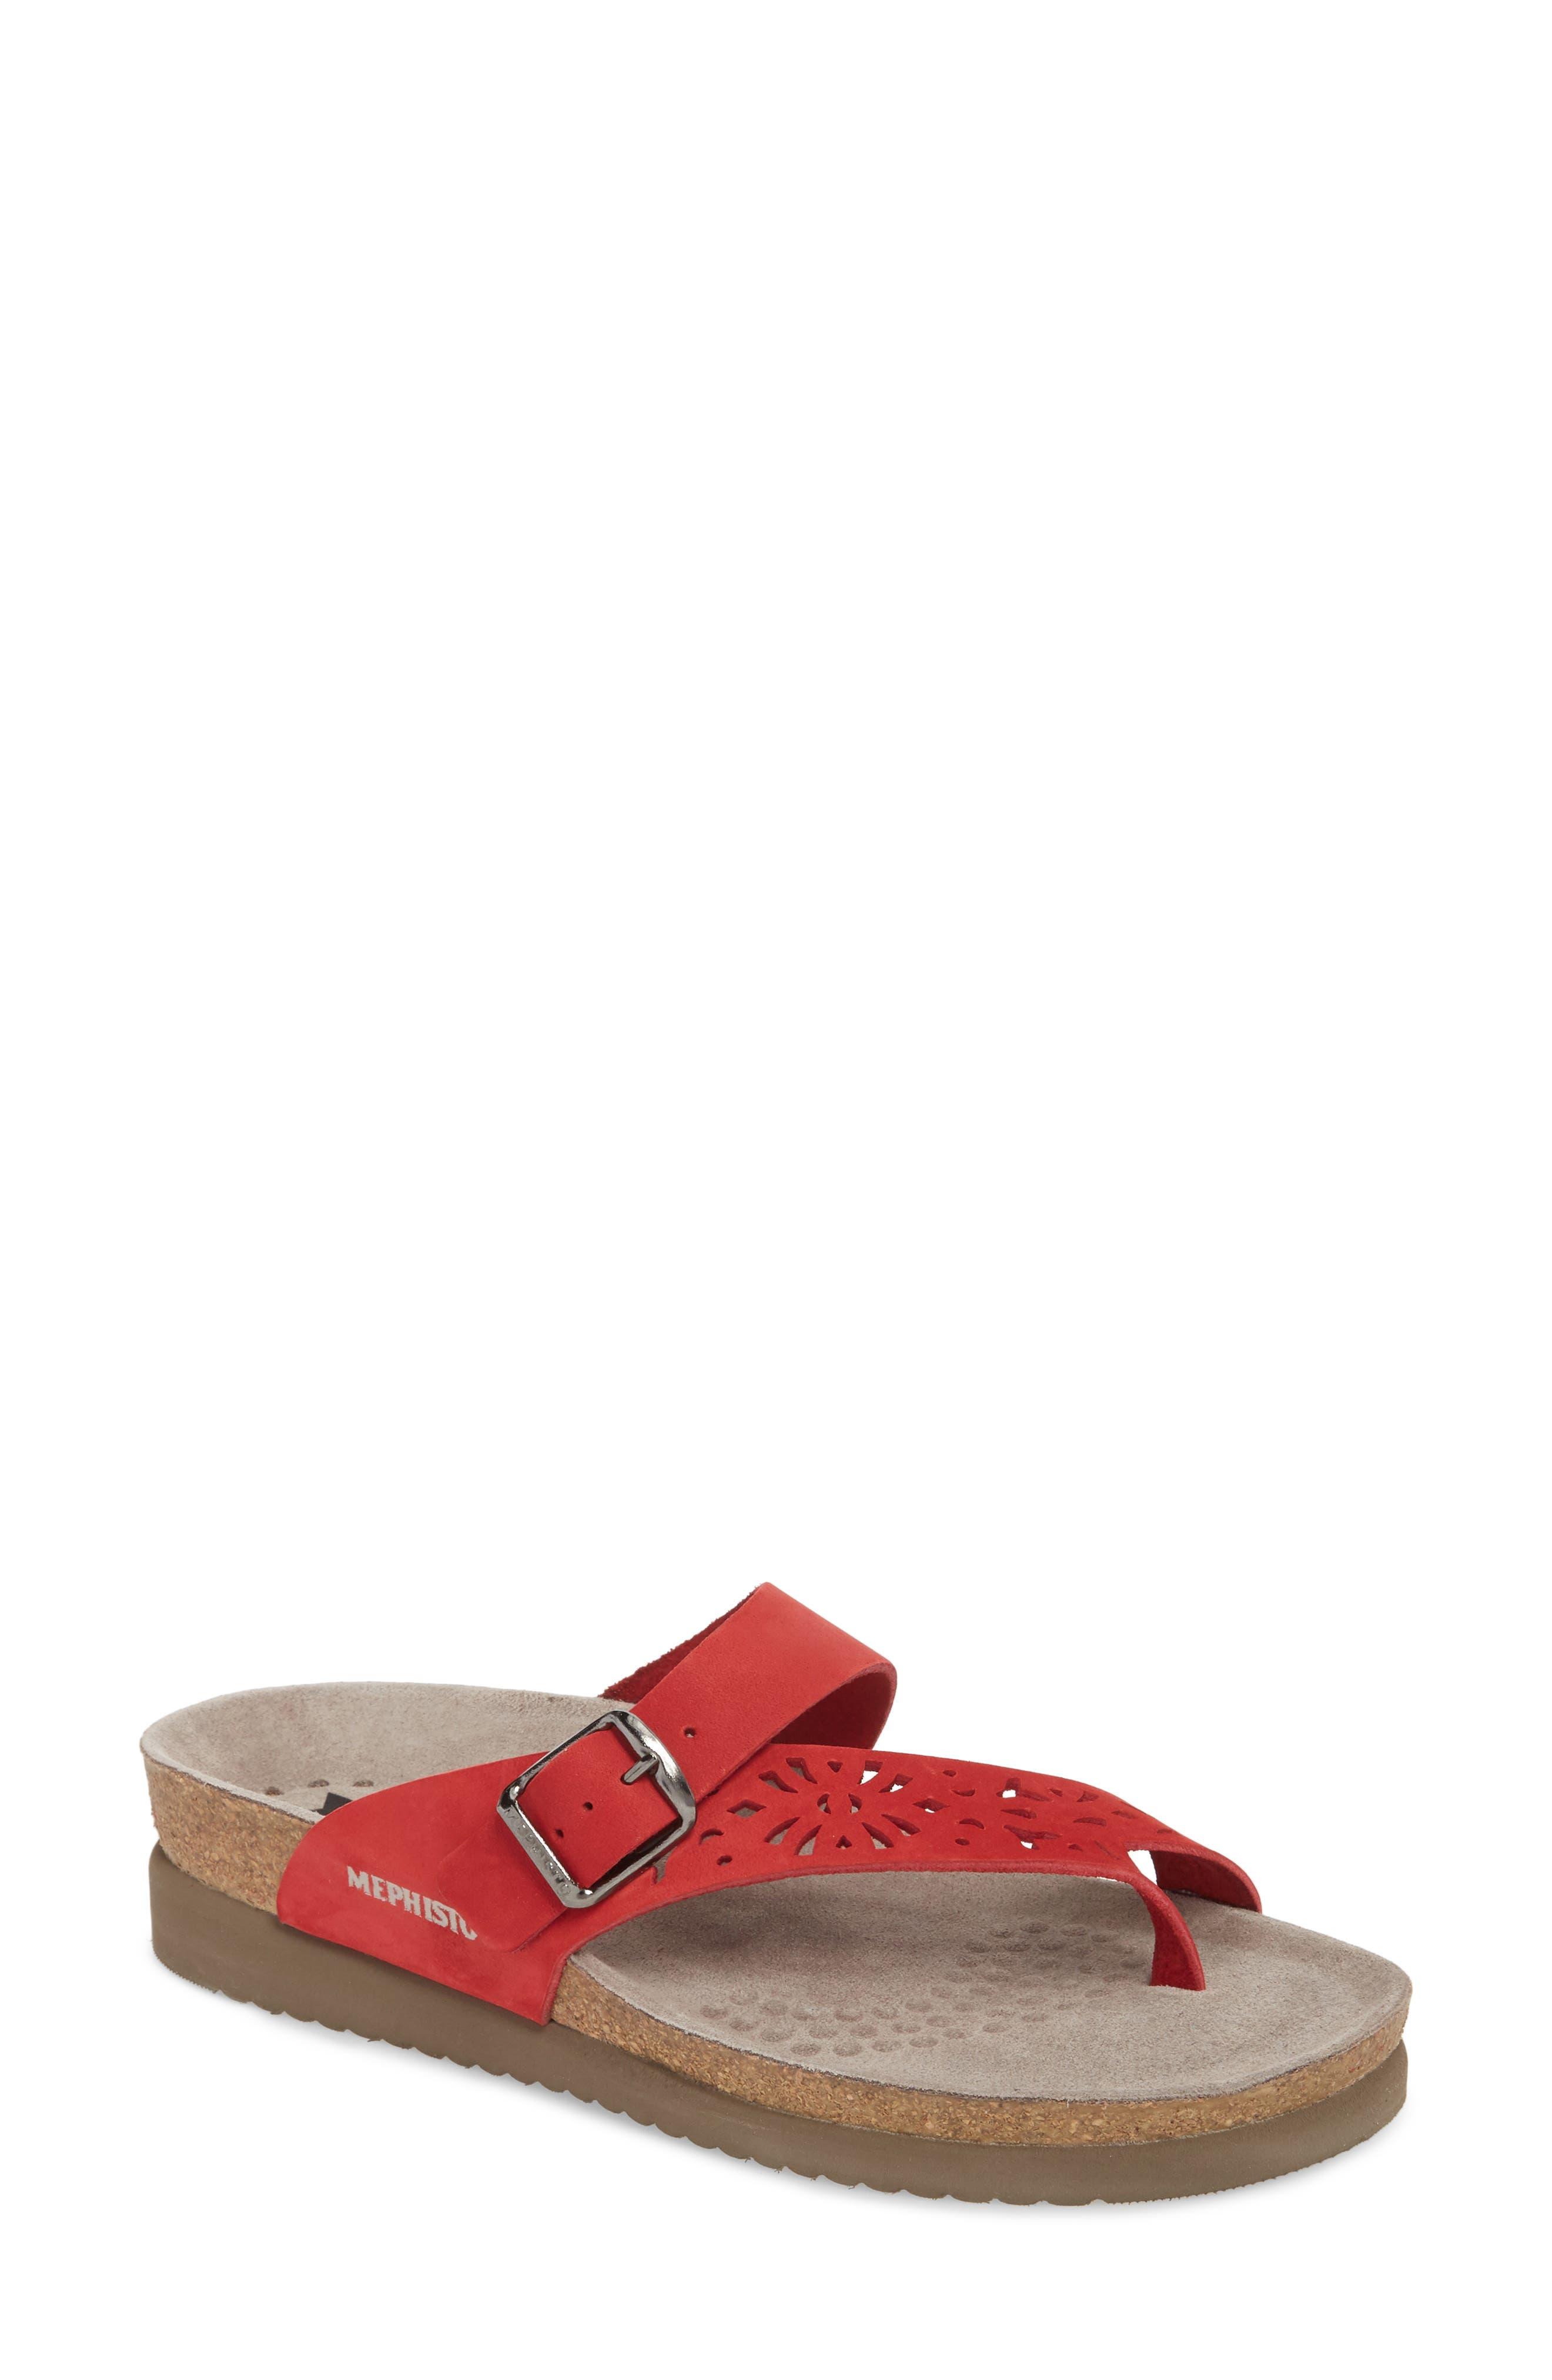 Mephisto Helen Perf Slide Sandal, Red